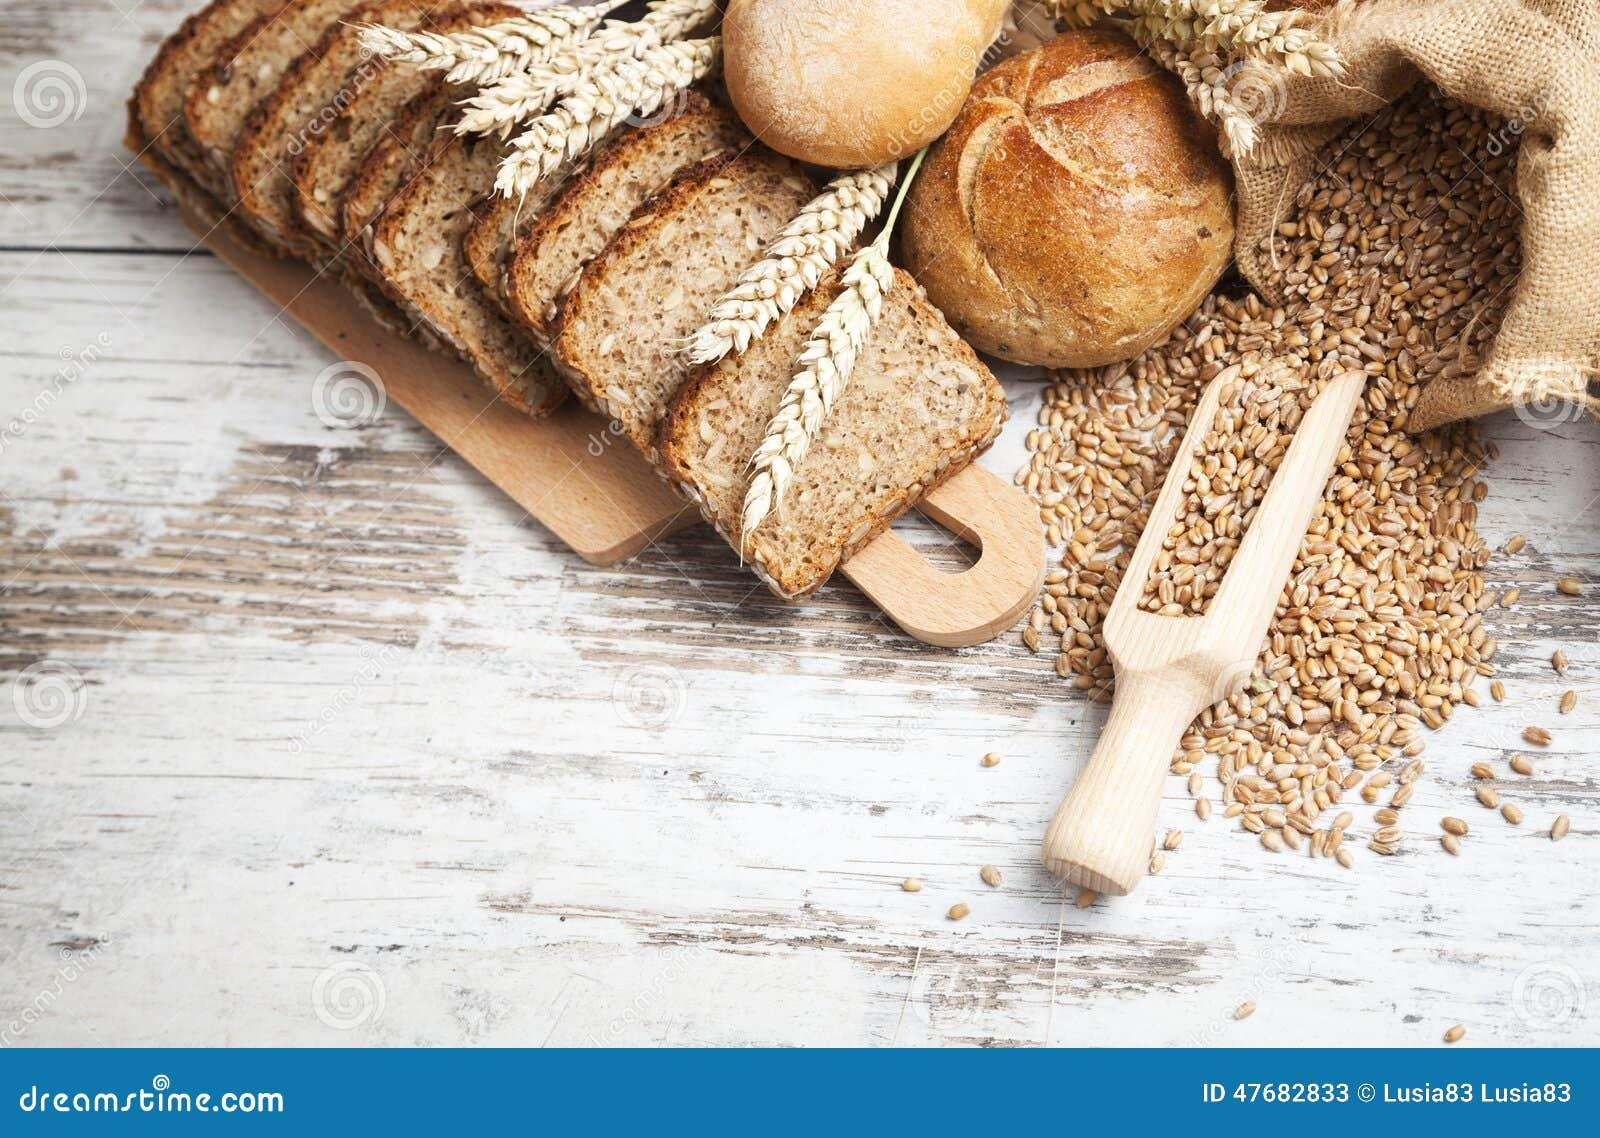 Bäckerei-Brot